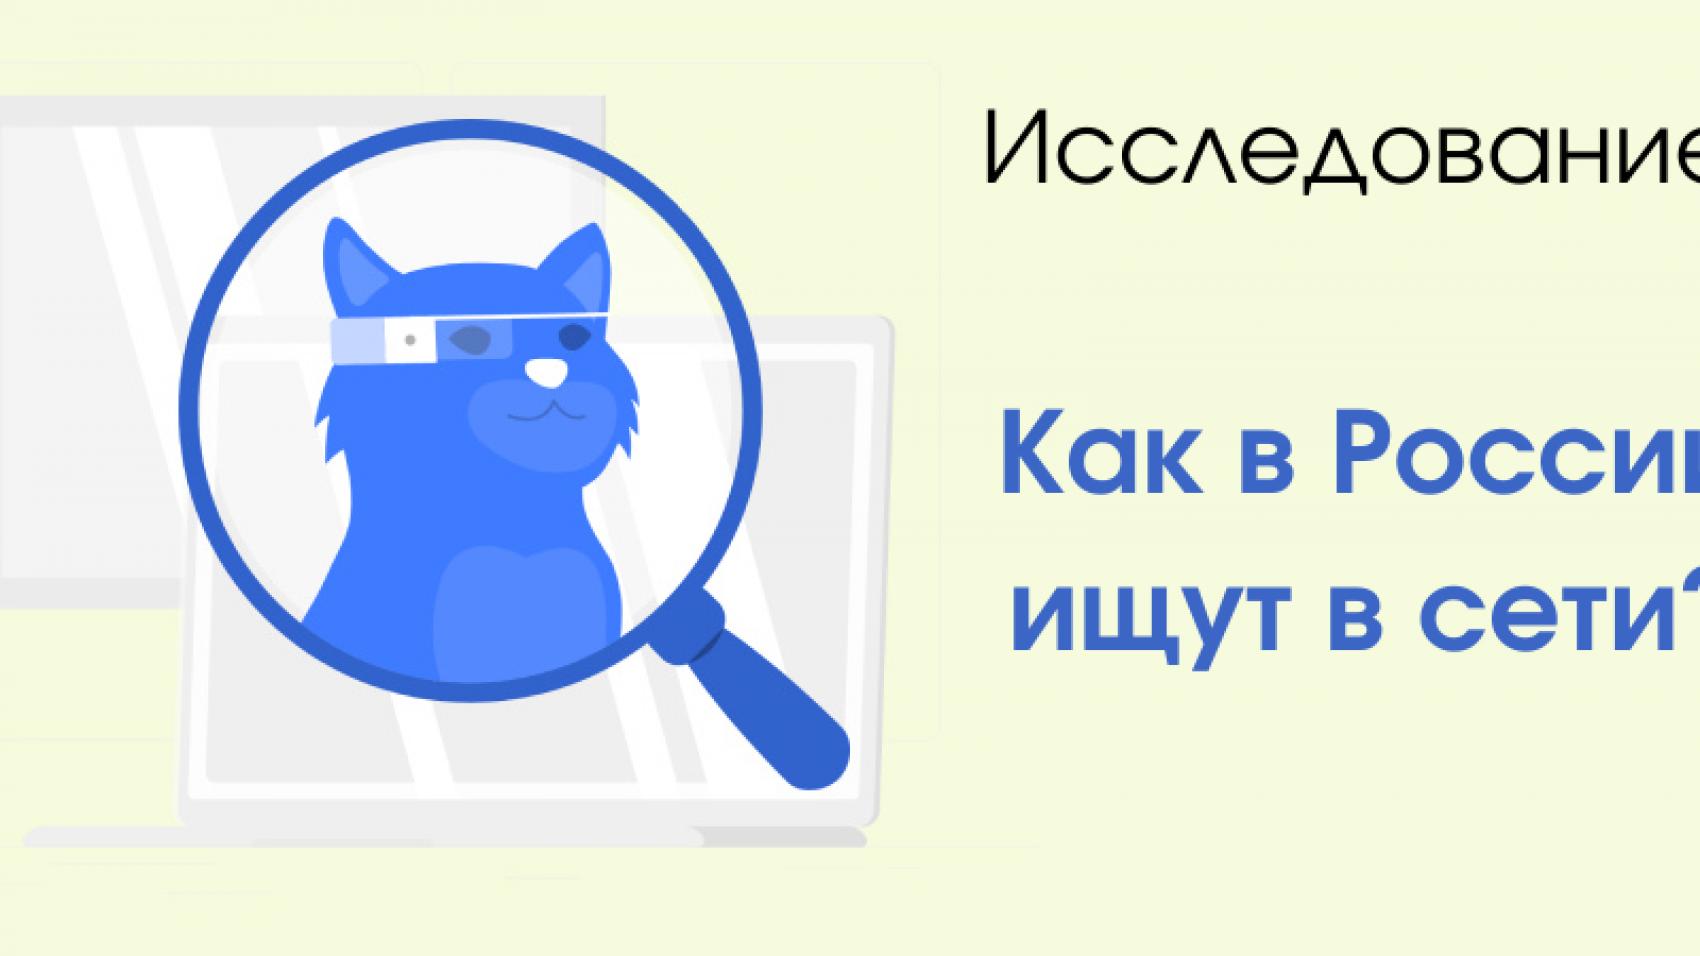 Как российские пользователи ищут в интернете в 2021 году?